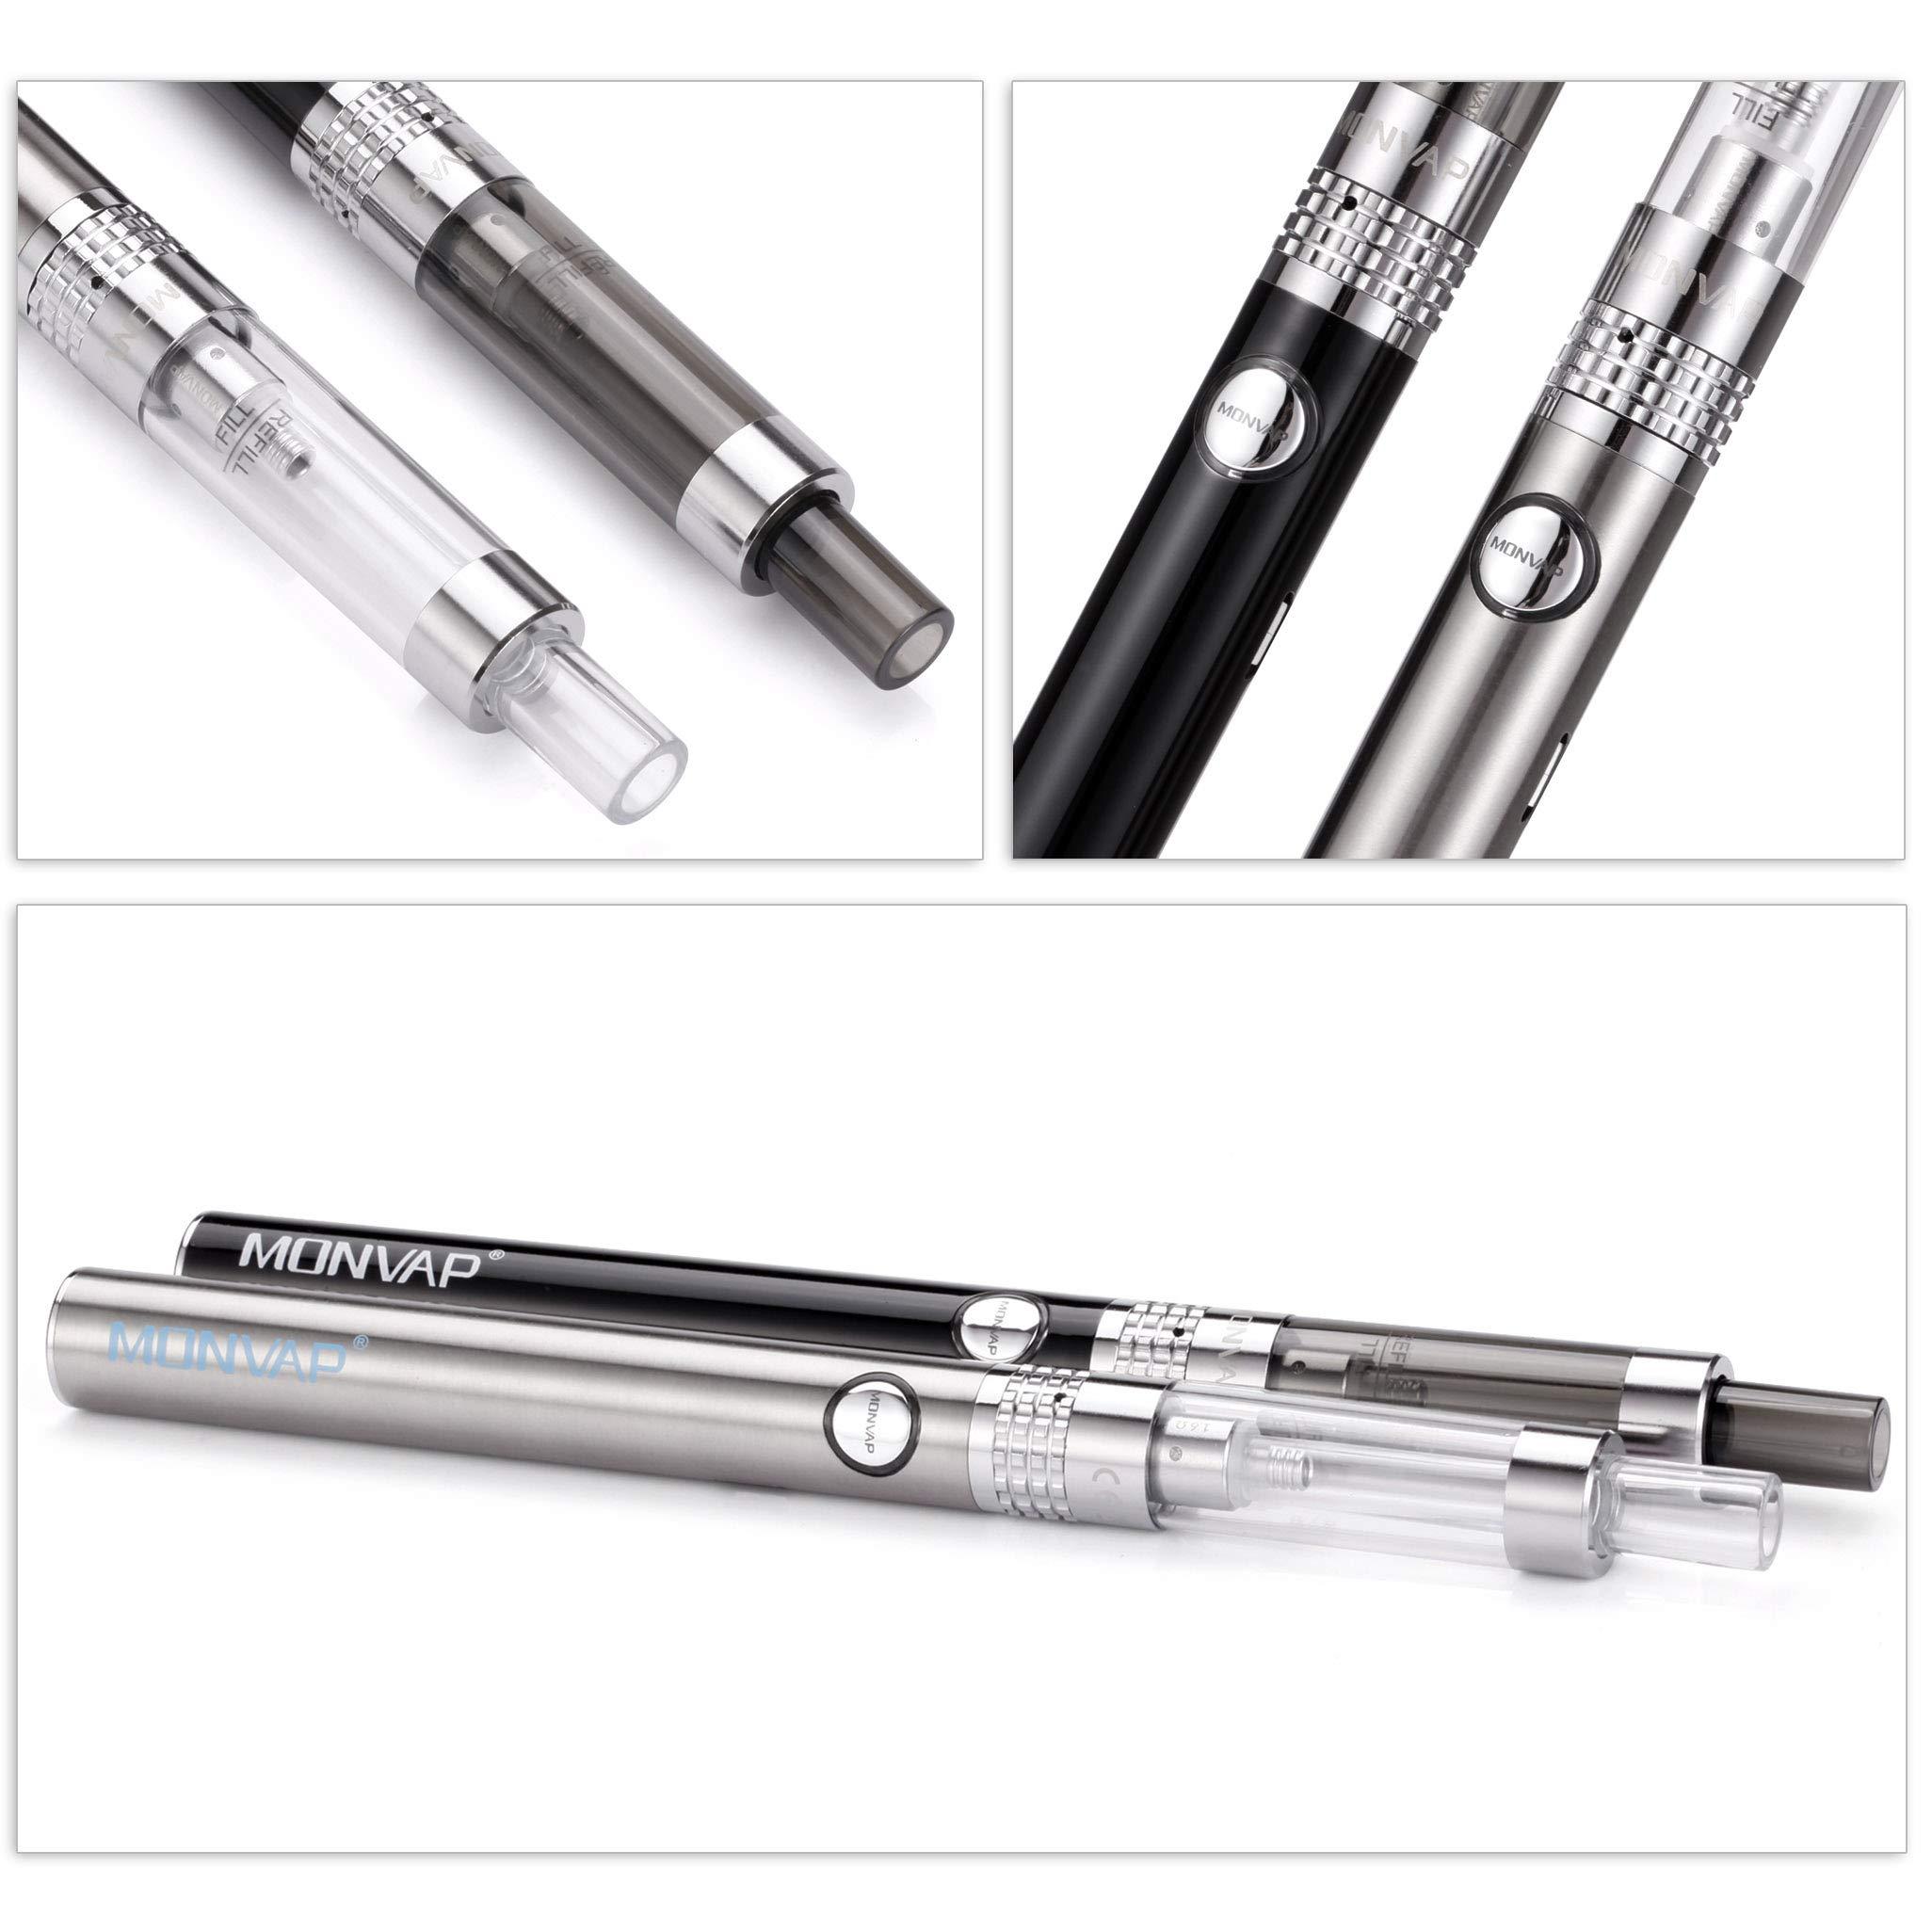 Vape Pen Kit, E Cigarettes Starter Kit, Micro USB Recharge Vape Pen x 2, MONVAP M2 Complete Ecigs Set, 900mAh Recharge Battery, 1.6ohm/2ml Atomizer, Double Pen with Premium Vape Liquid, No Nicotine